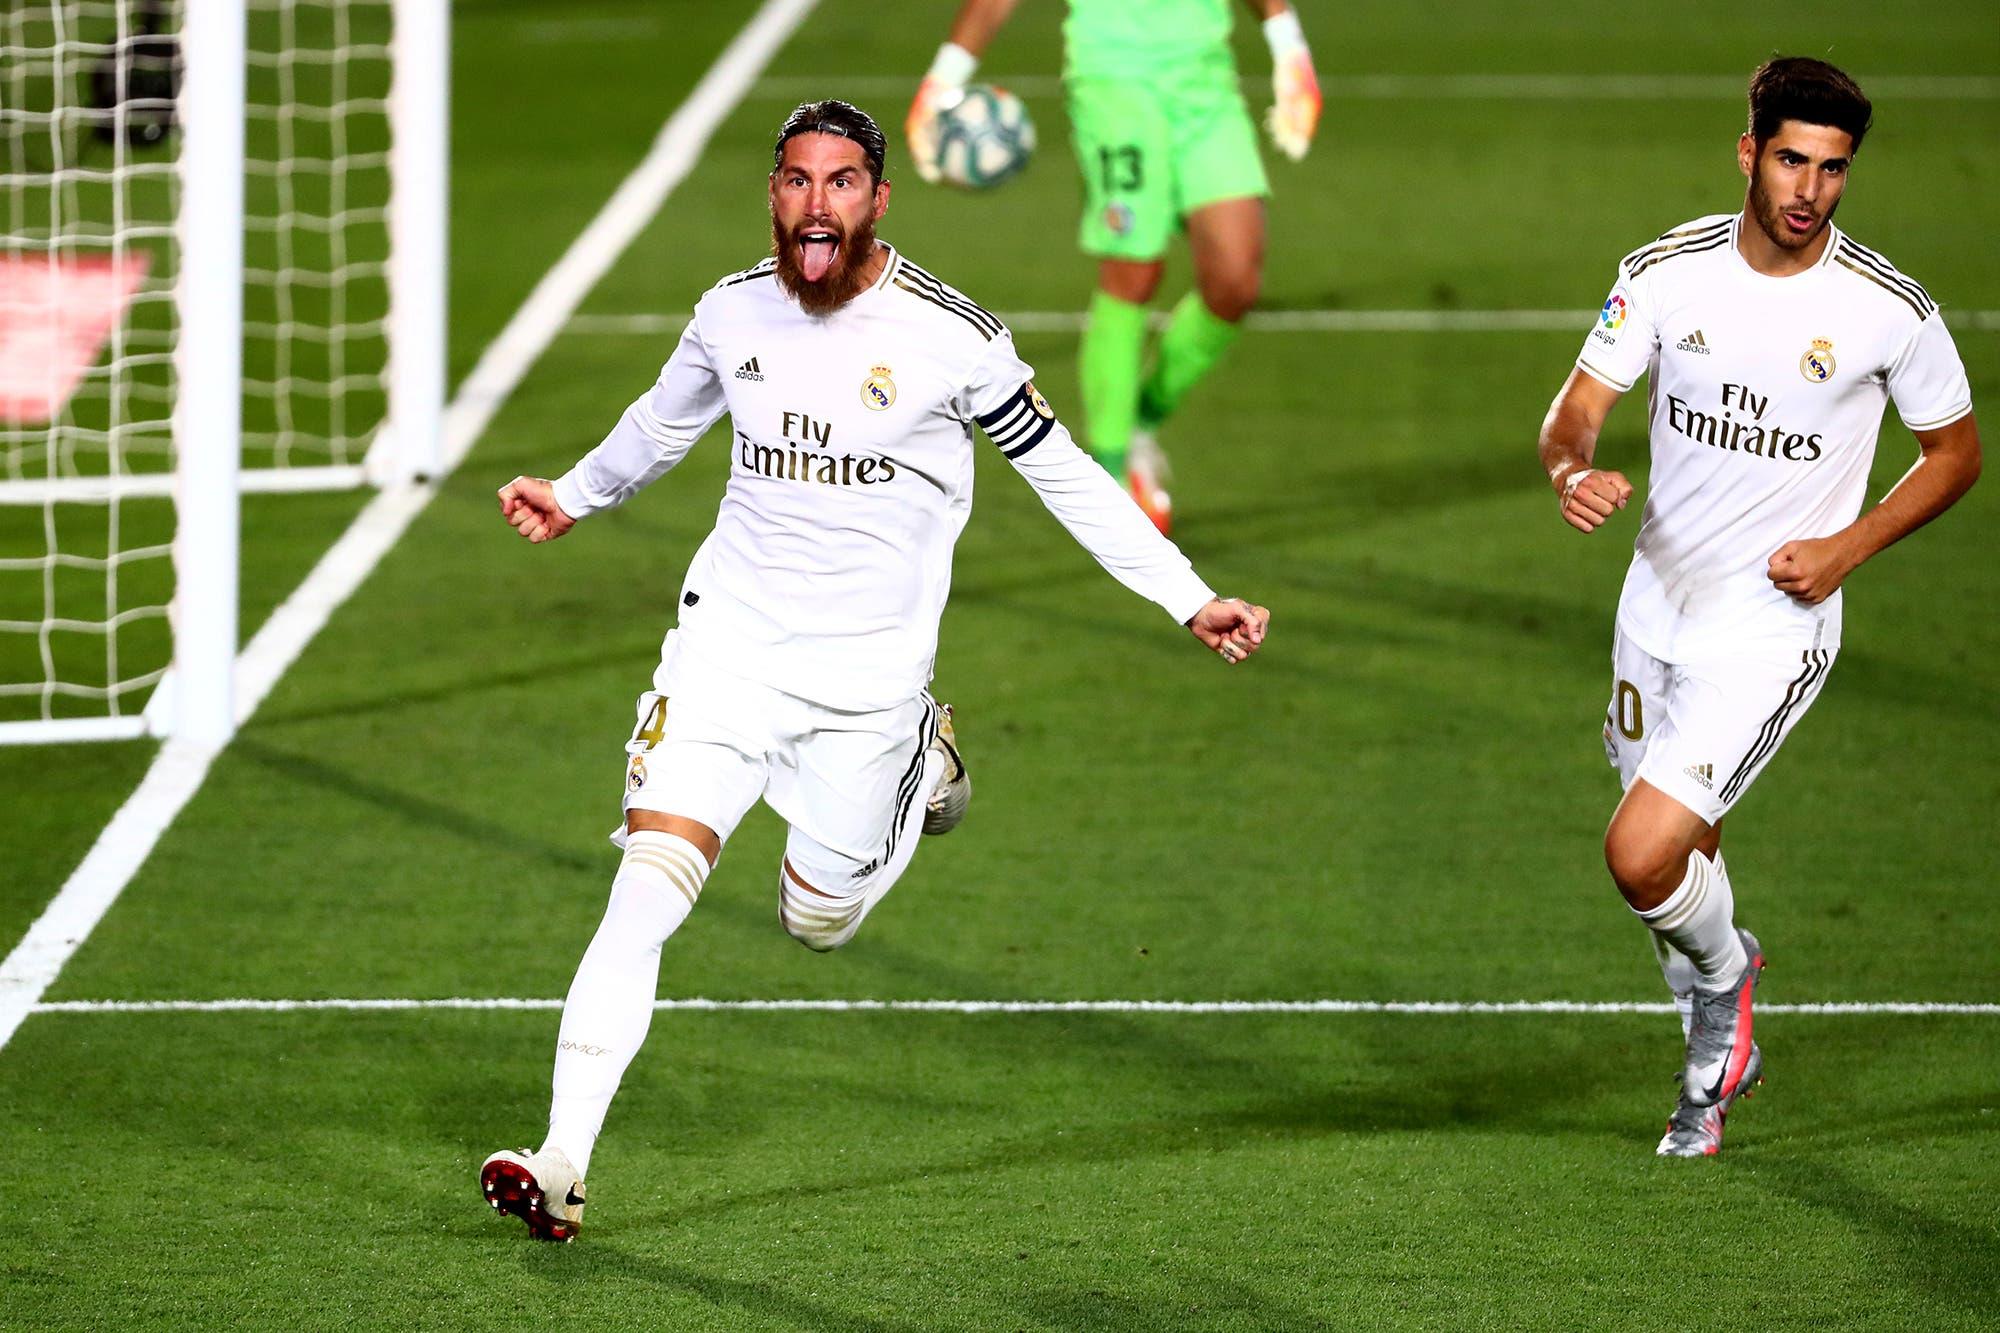 Real Madrid-Getafe, por la Liga de España: el equipo de Zidane ganó ante un duro rival y se despega de Barcelona